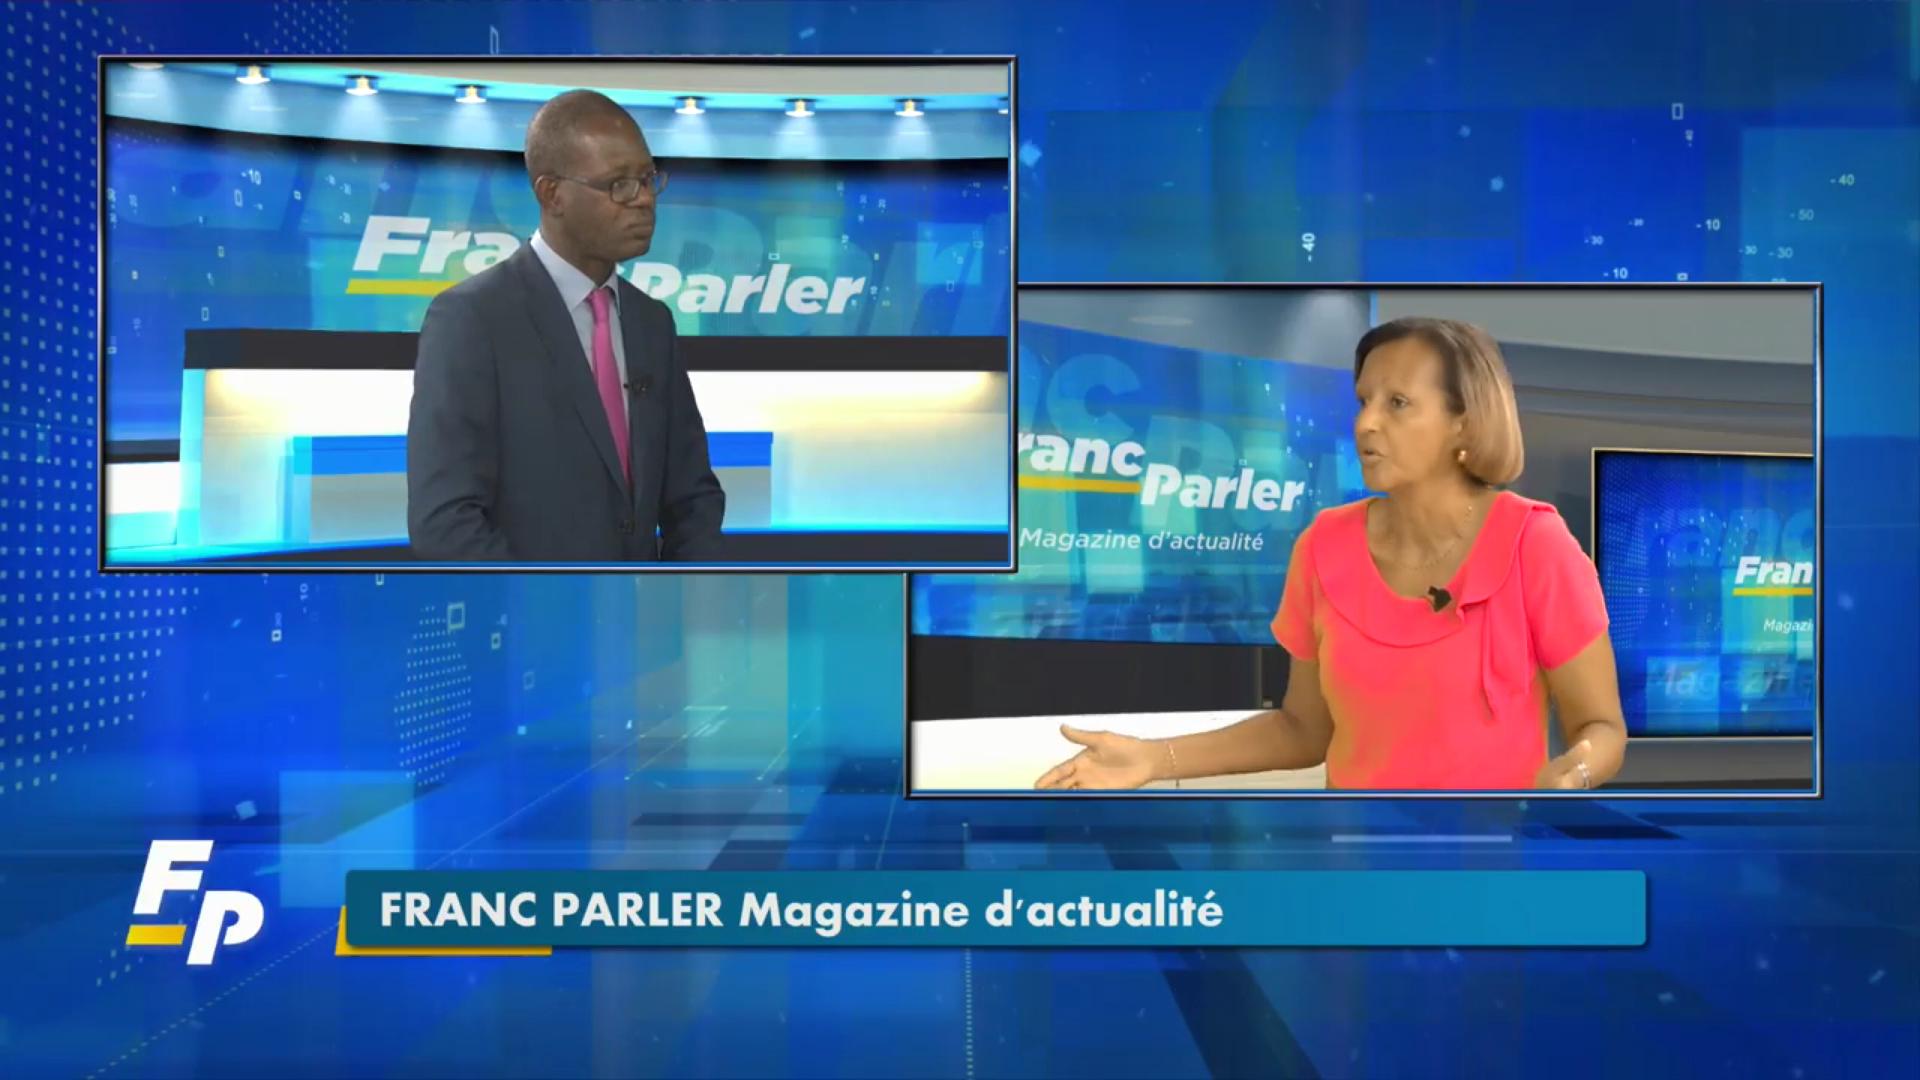 [Vidéo] Onews Guadeloupe. Marie Luce PENCHARD Vice Présidente de la Région invitée de Franc parler (Eclair Tv)